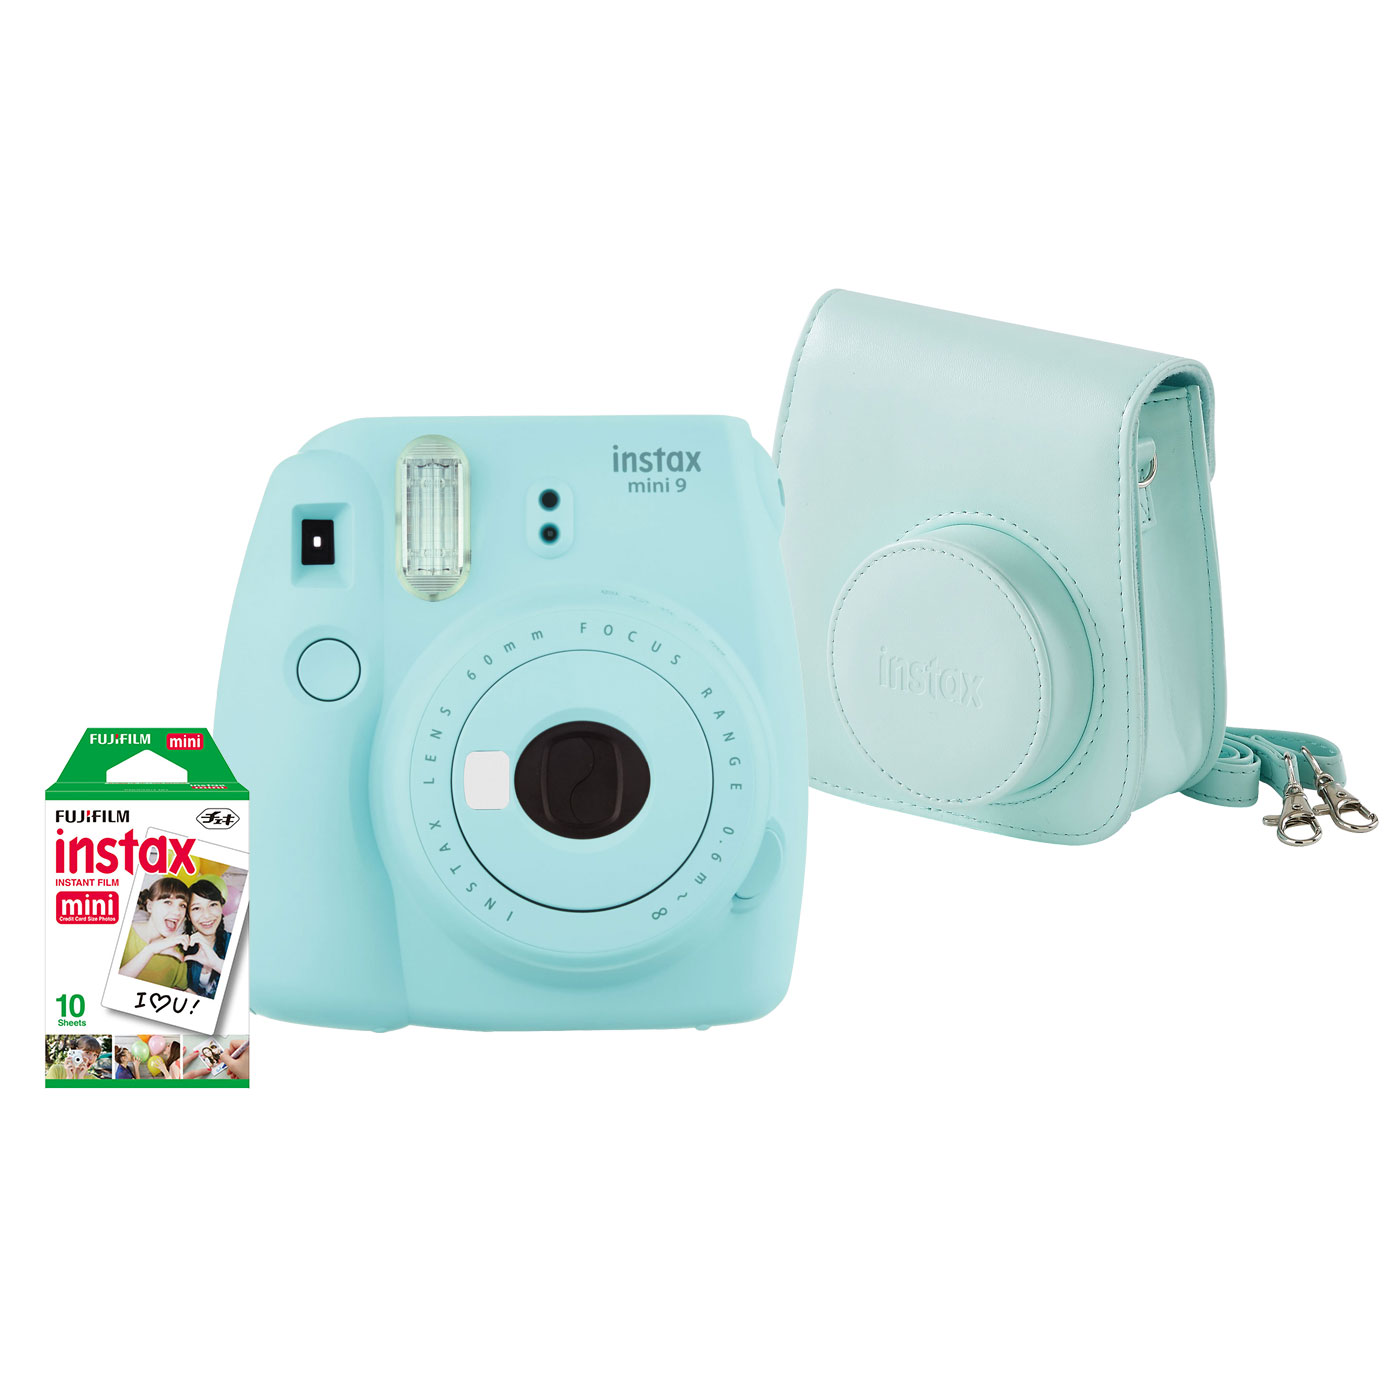 c8baf4c28d63de Appareil photo numérique Fujifilm Pack instax mini 9 Bleu Givré Appareil  photo instantané avec flash et